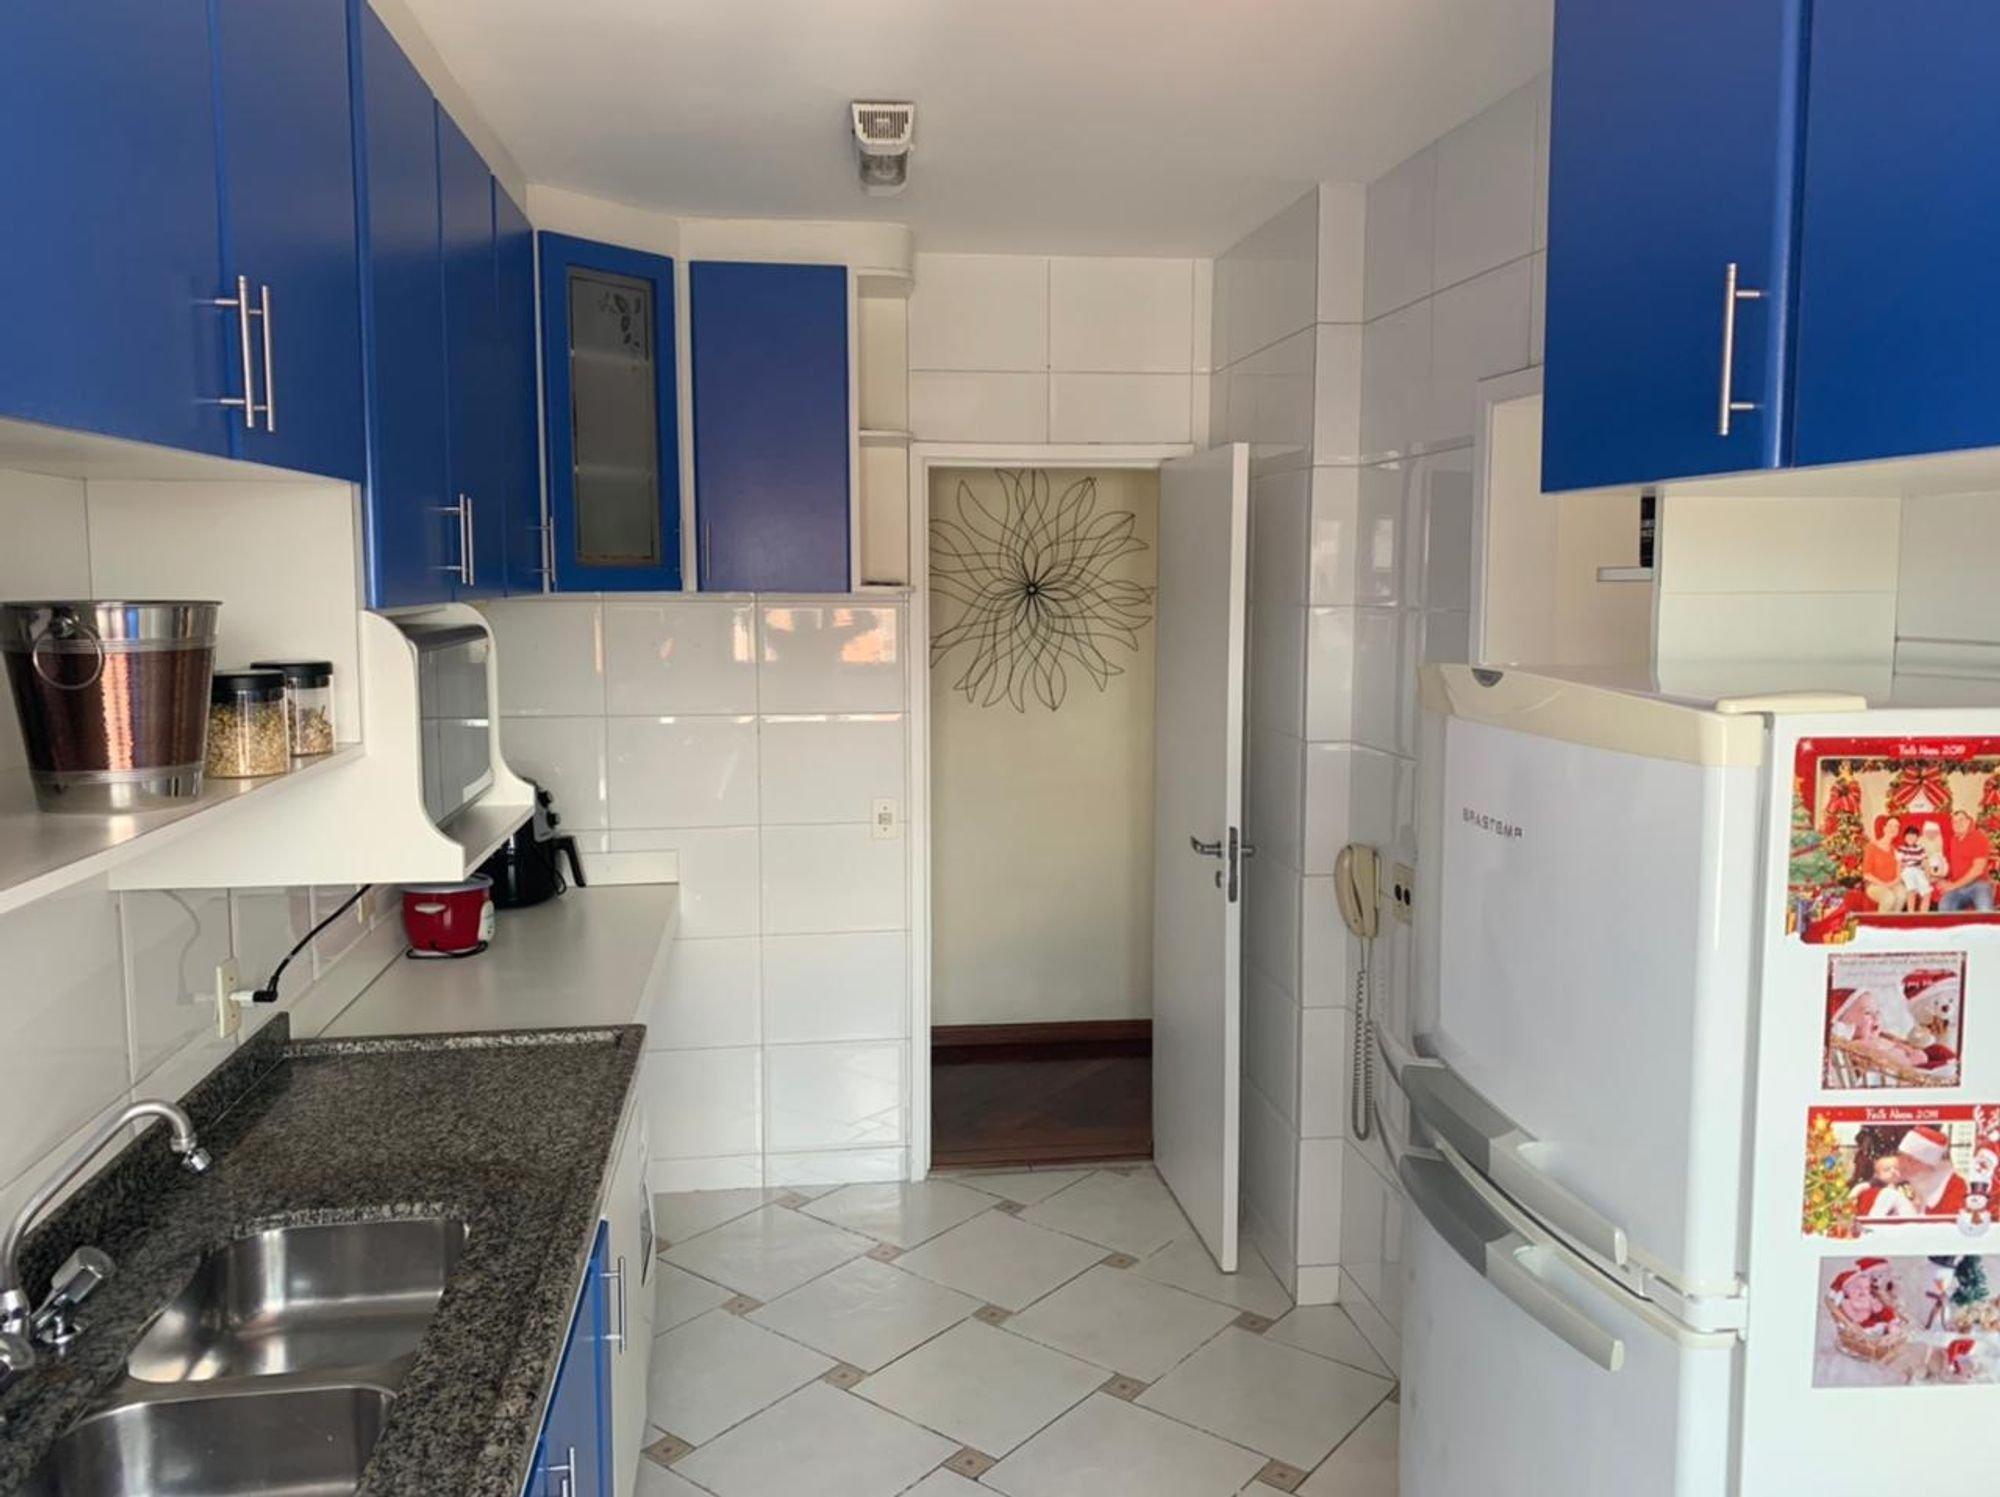 Foto de Cozinha com geladeira, pia, xícara